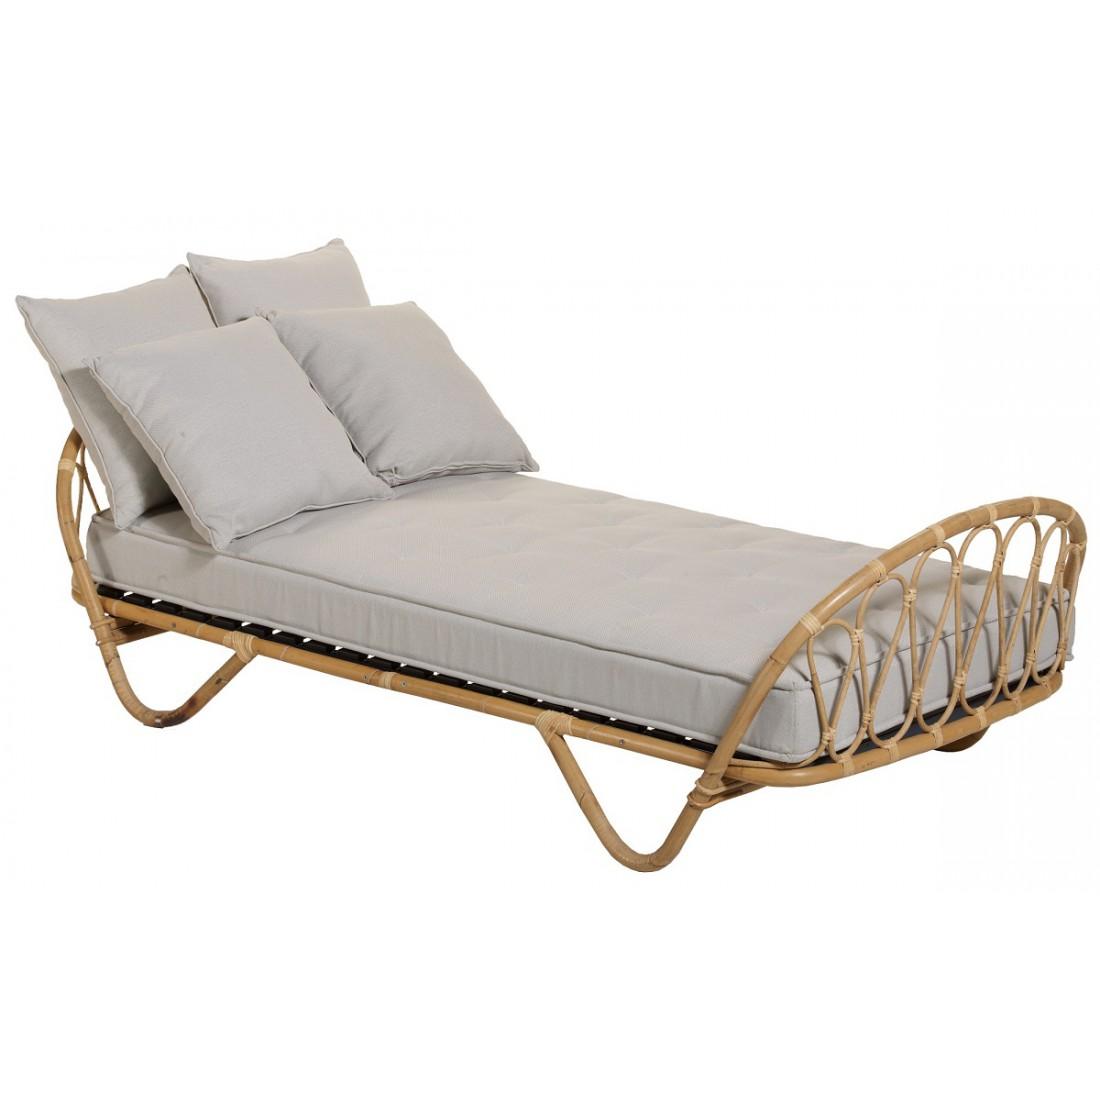 corbeille 90x190 vintage rattan bed. Black Bedroom Furniture Sets. Home Design Ideas